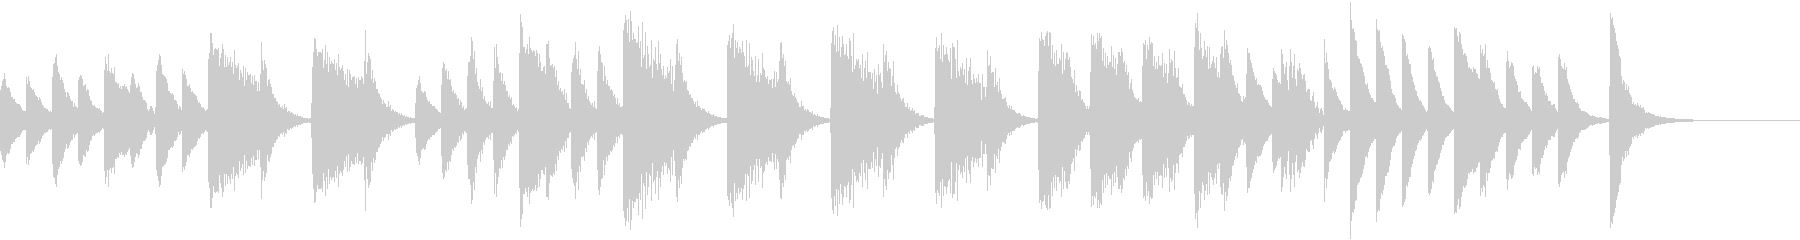 ゲロゲロ♪のんきなカエルのピアノジングルの未再生の波形